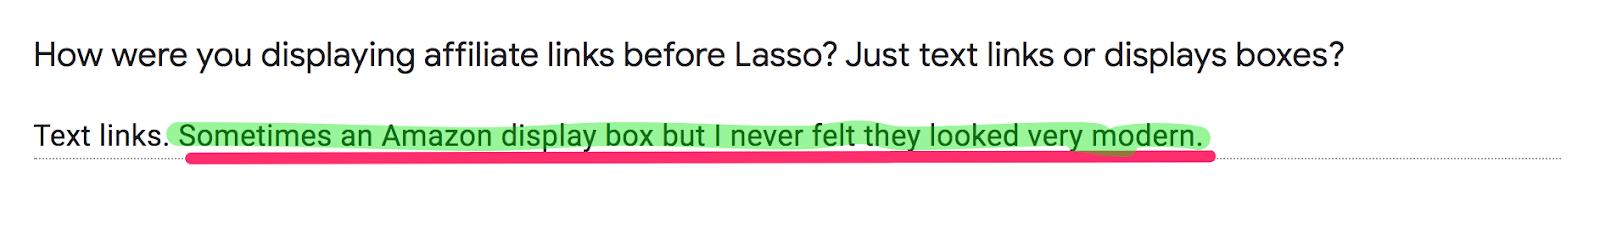 lasso case study example